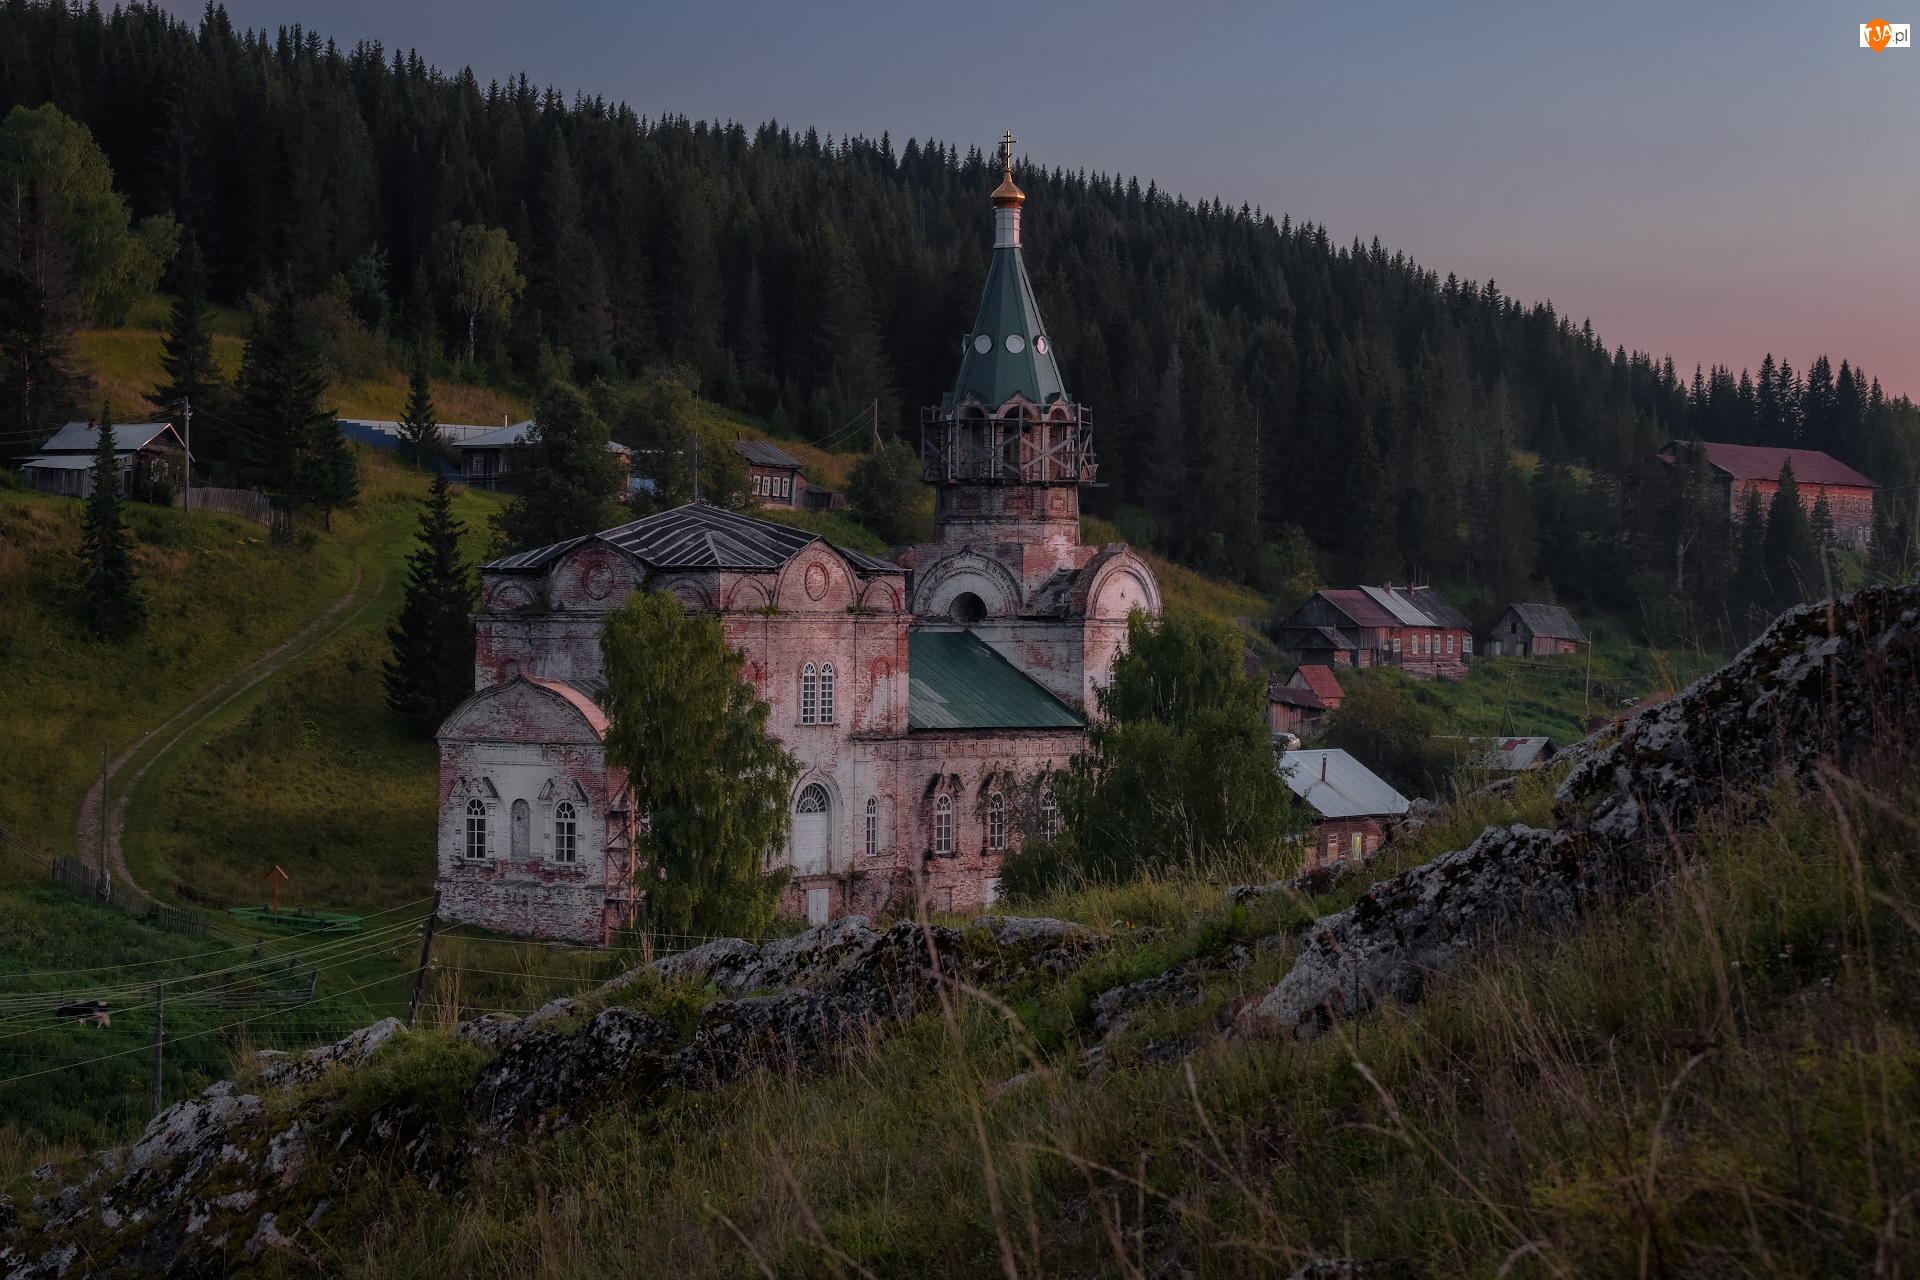 Domy, Cerkiew, Wieś Kyn, Rosja, Drzewa, Kraj Permski